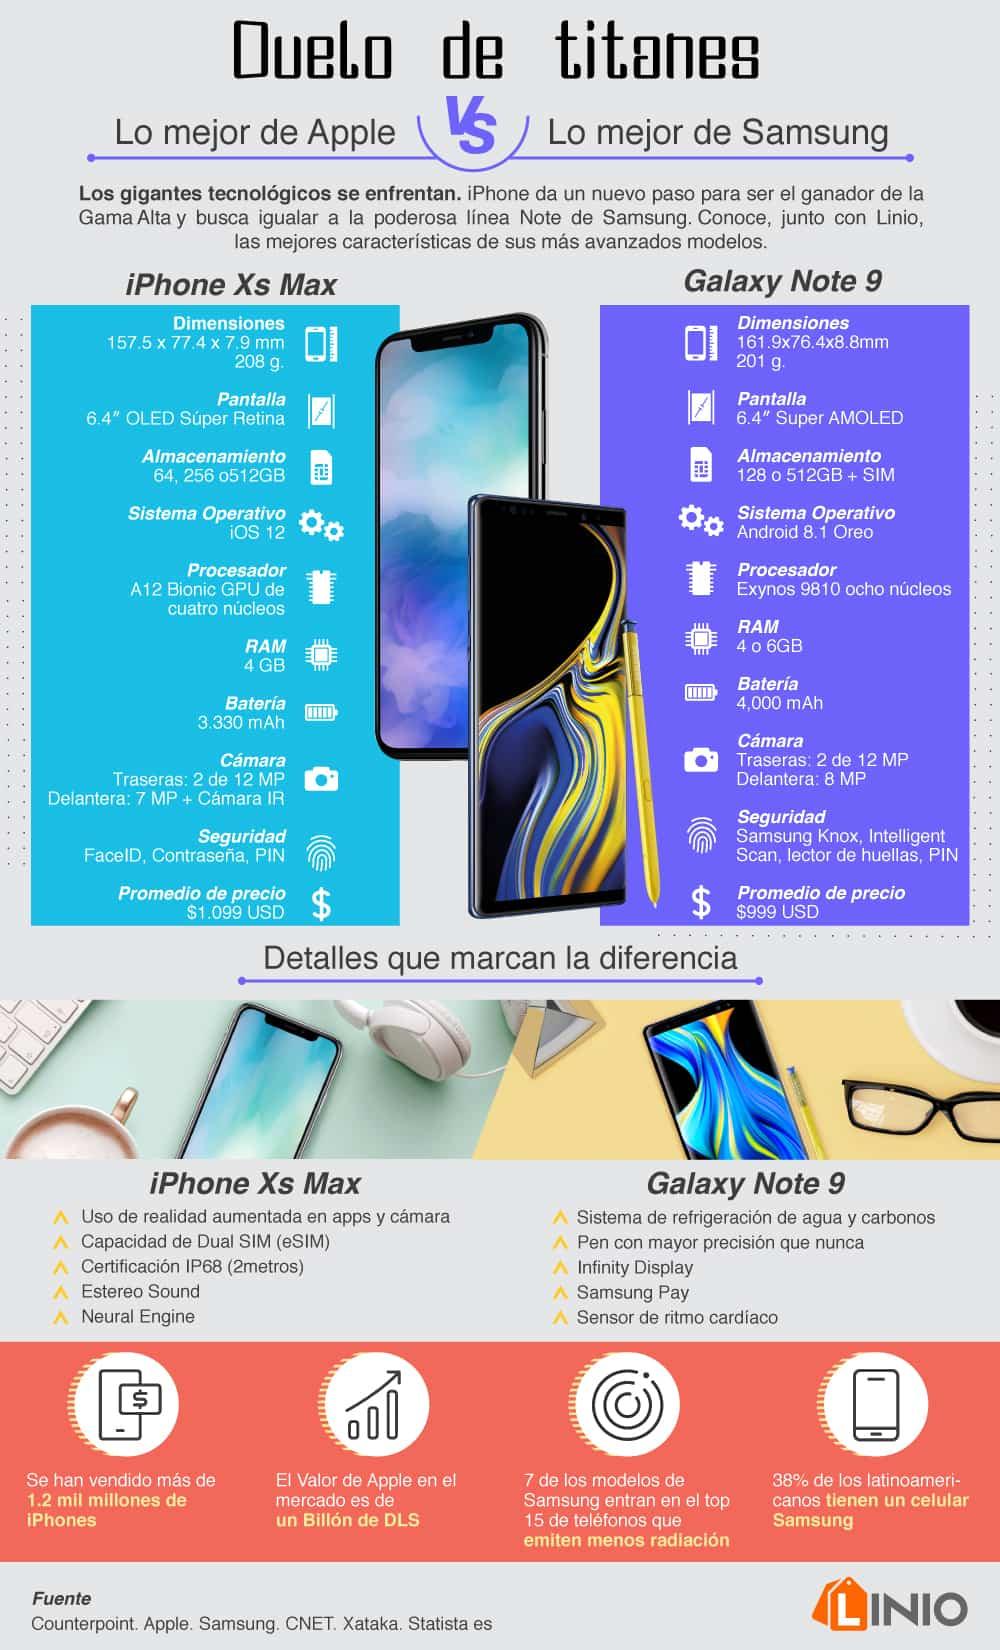 Apple o Samsung, ¿cuál es la mejor marca? 6